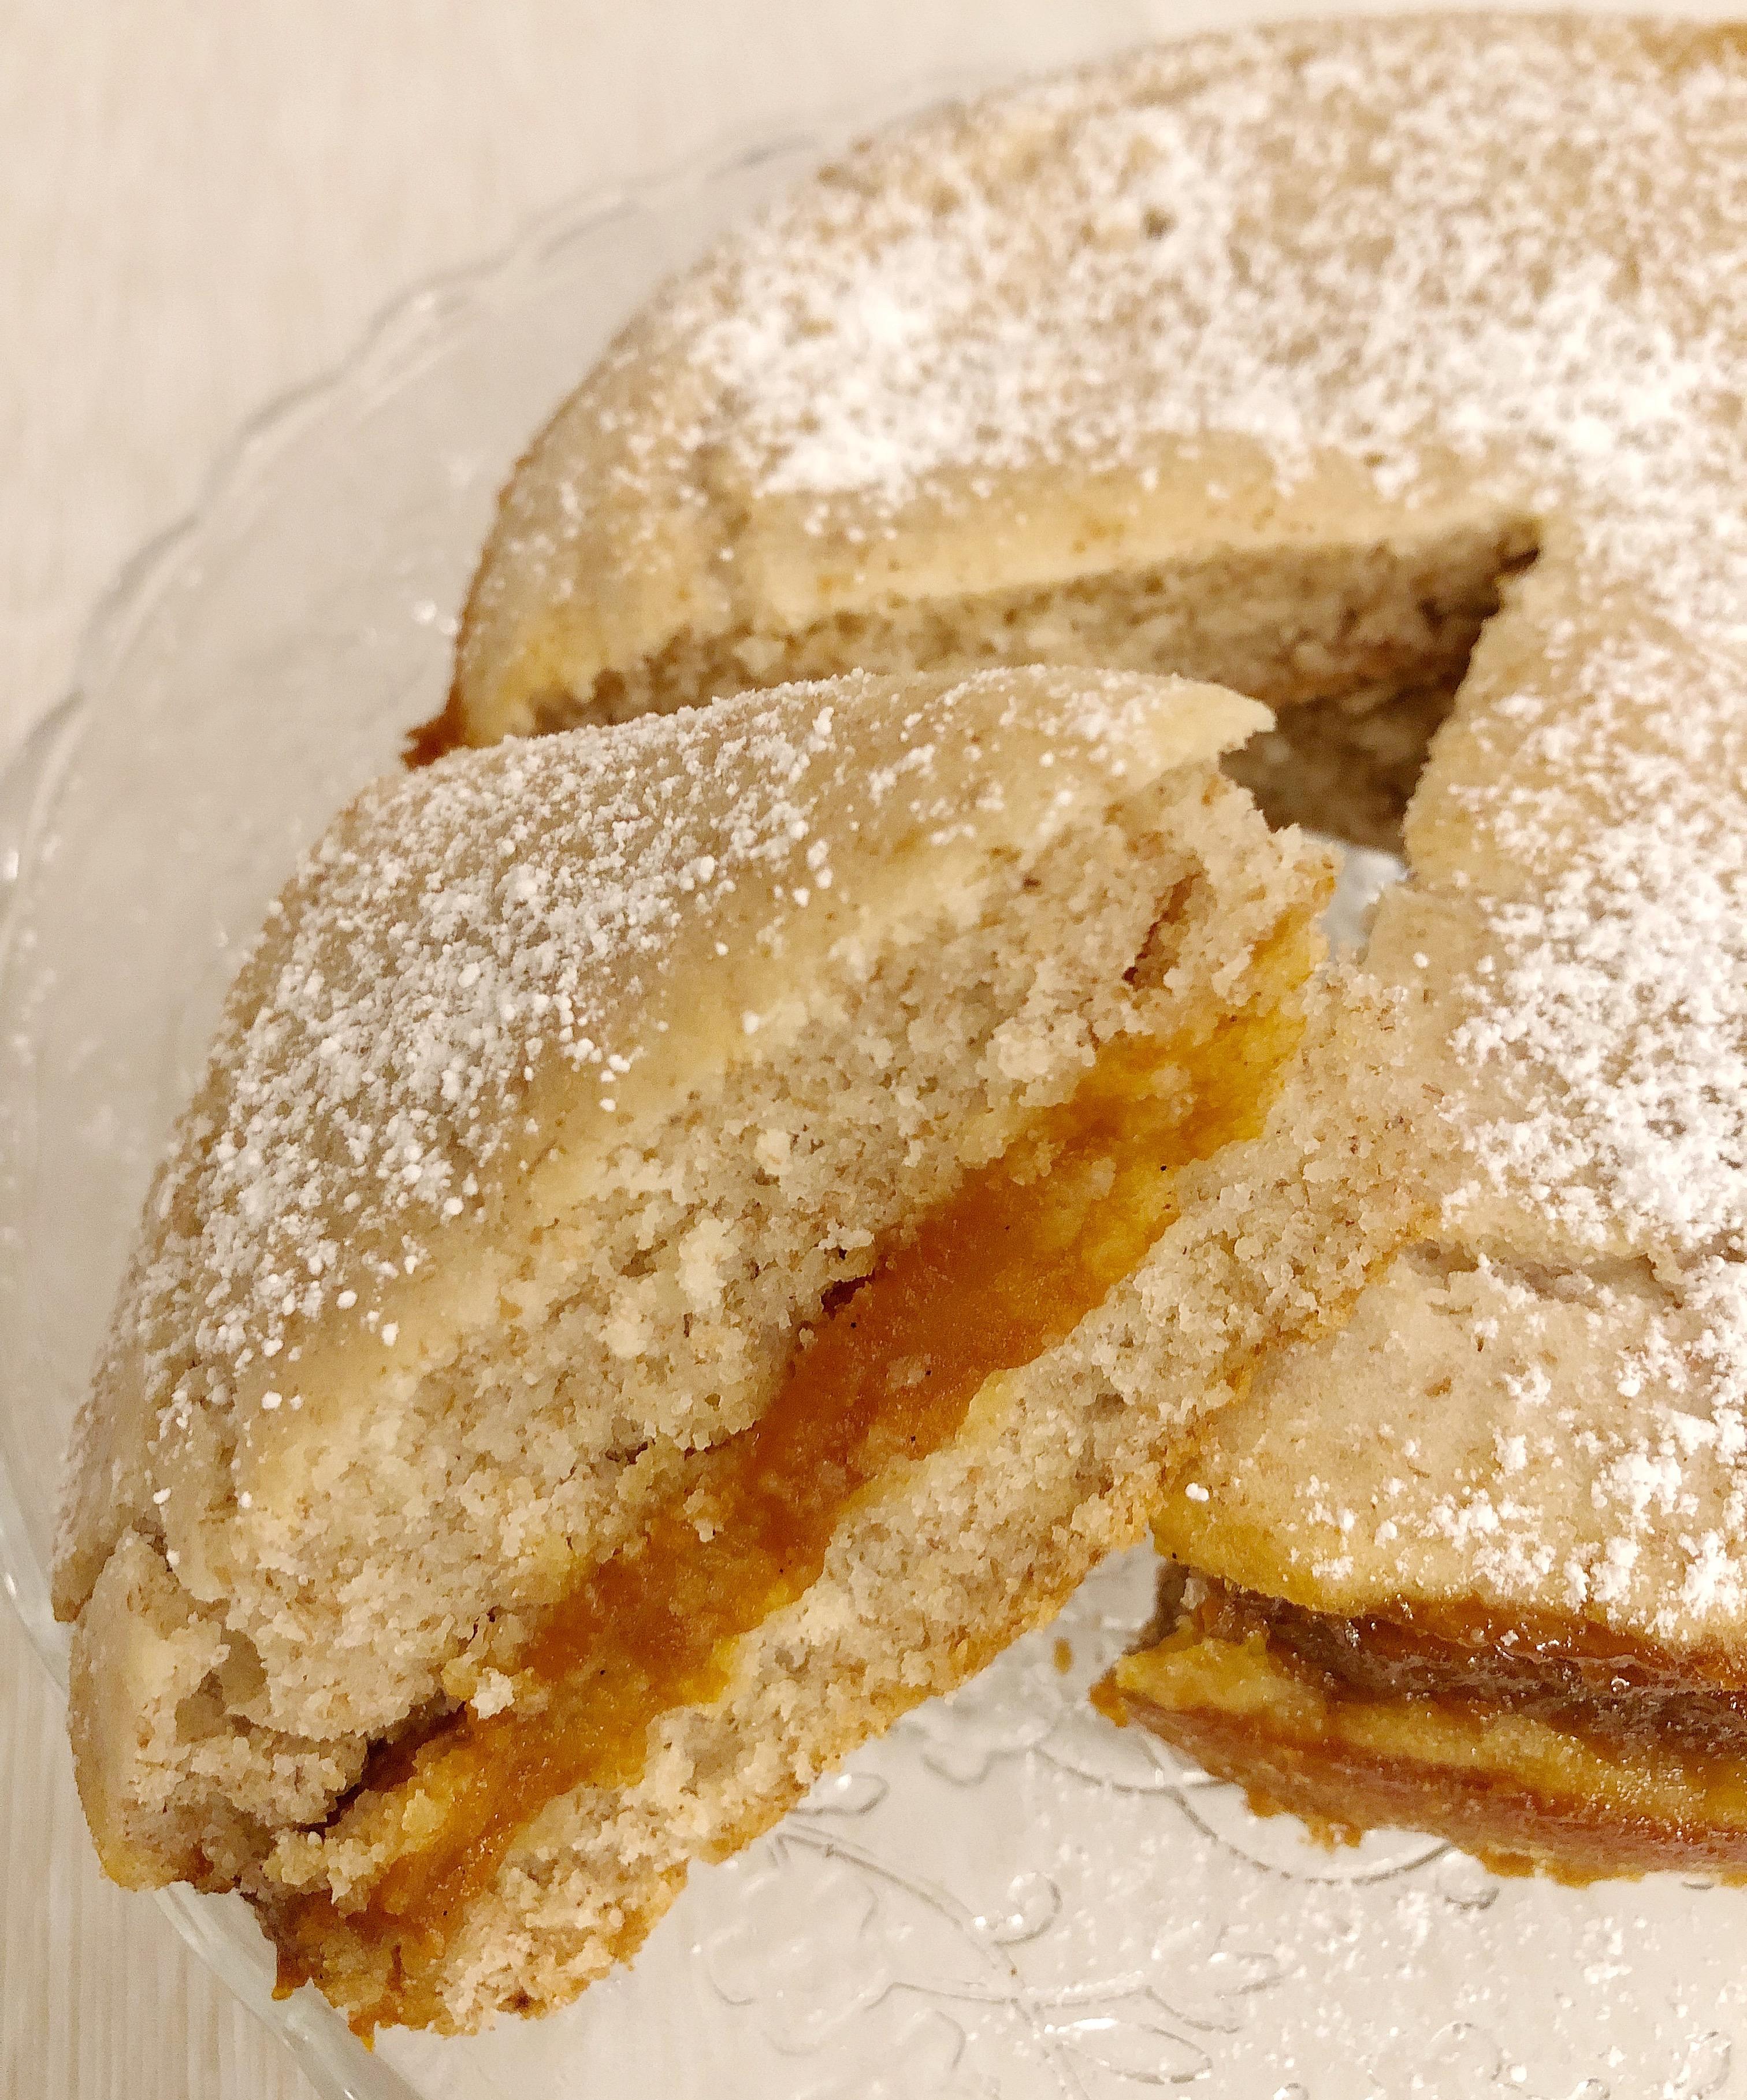 Torta Versata alla Marmellata Senza Burro, , un dolce semplice e goloso di dolci senza burro